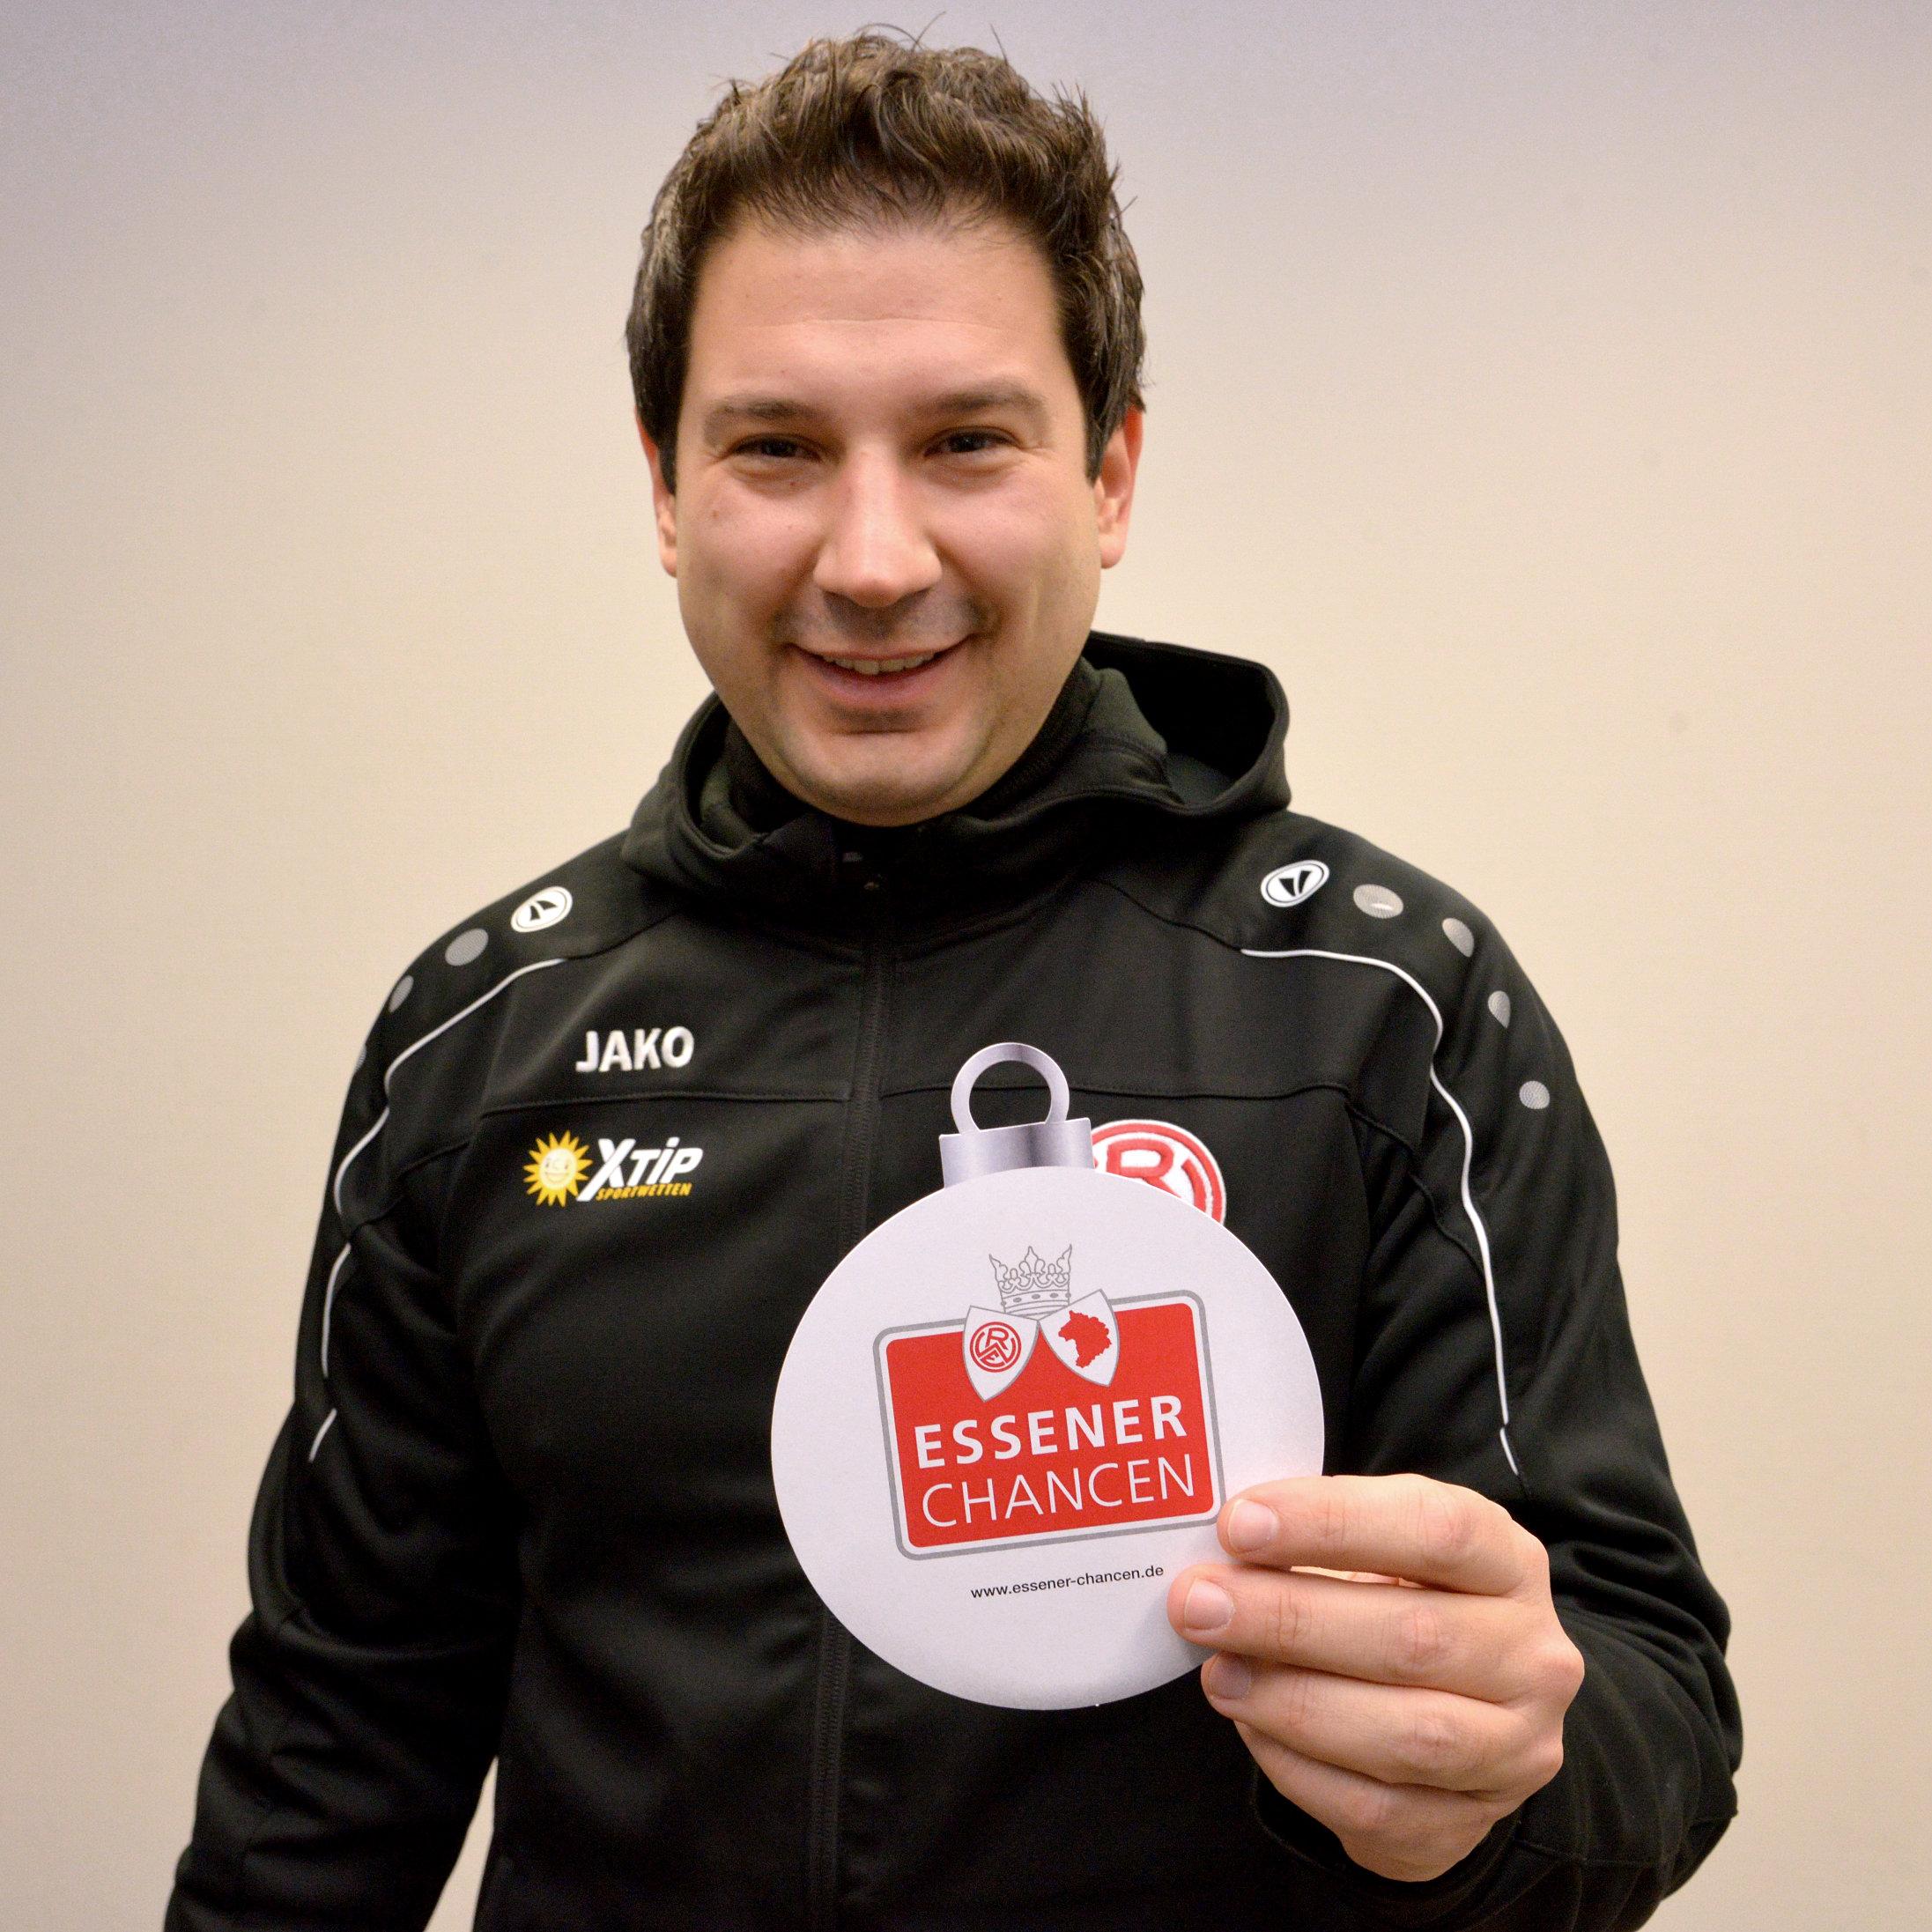 Für soziales Engagement ist er immer zu haben: RWE-Chefcoach Argirios Giannikis erfüllt einen Herzenswunsch. (Fotos: EC)